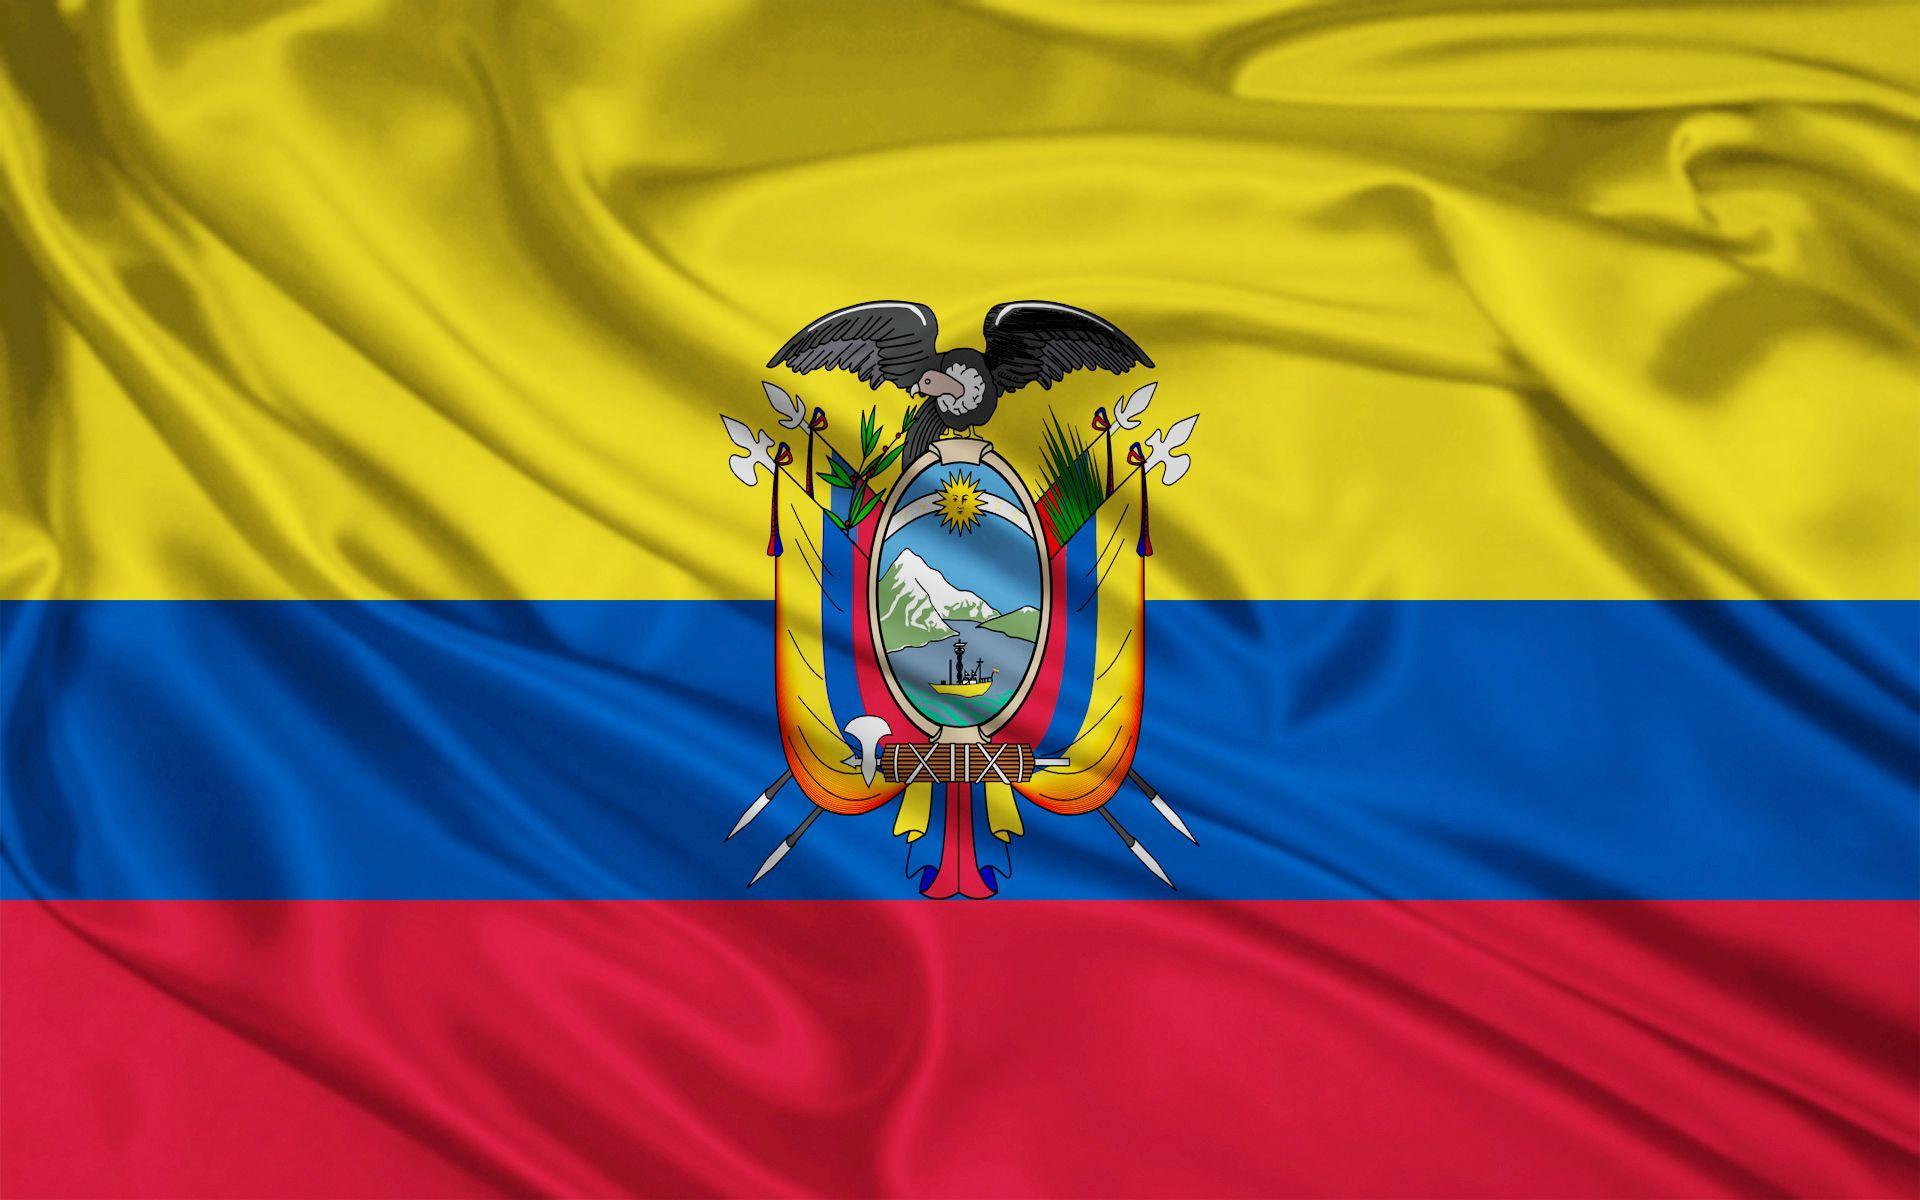 Ecuador National Football Team Zoom Background 3